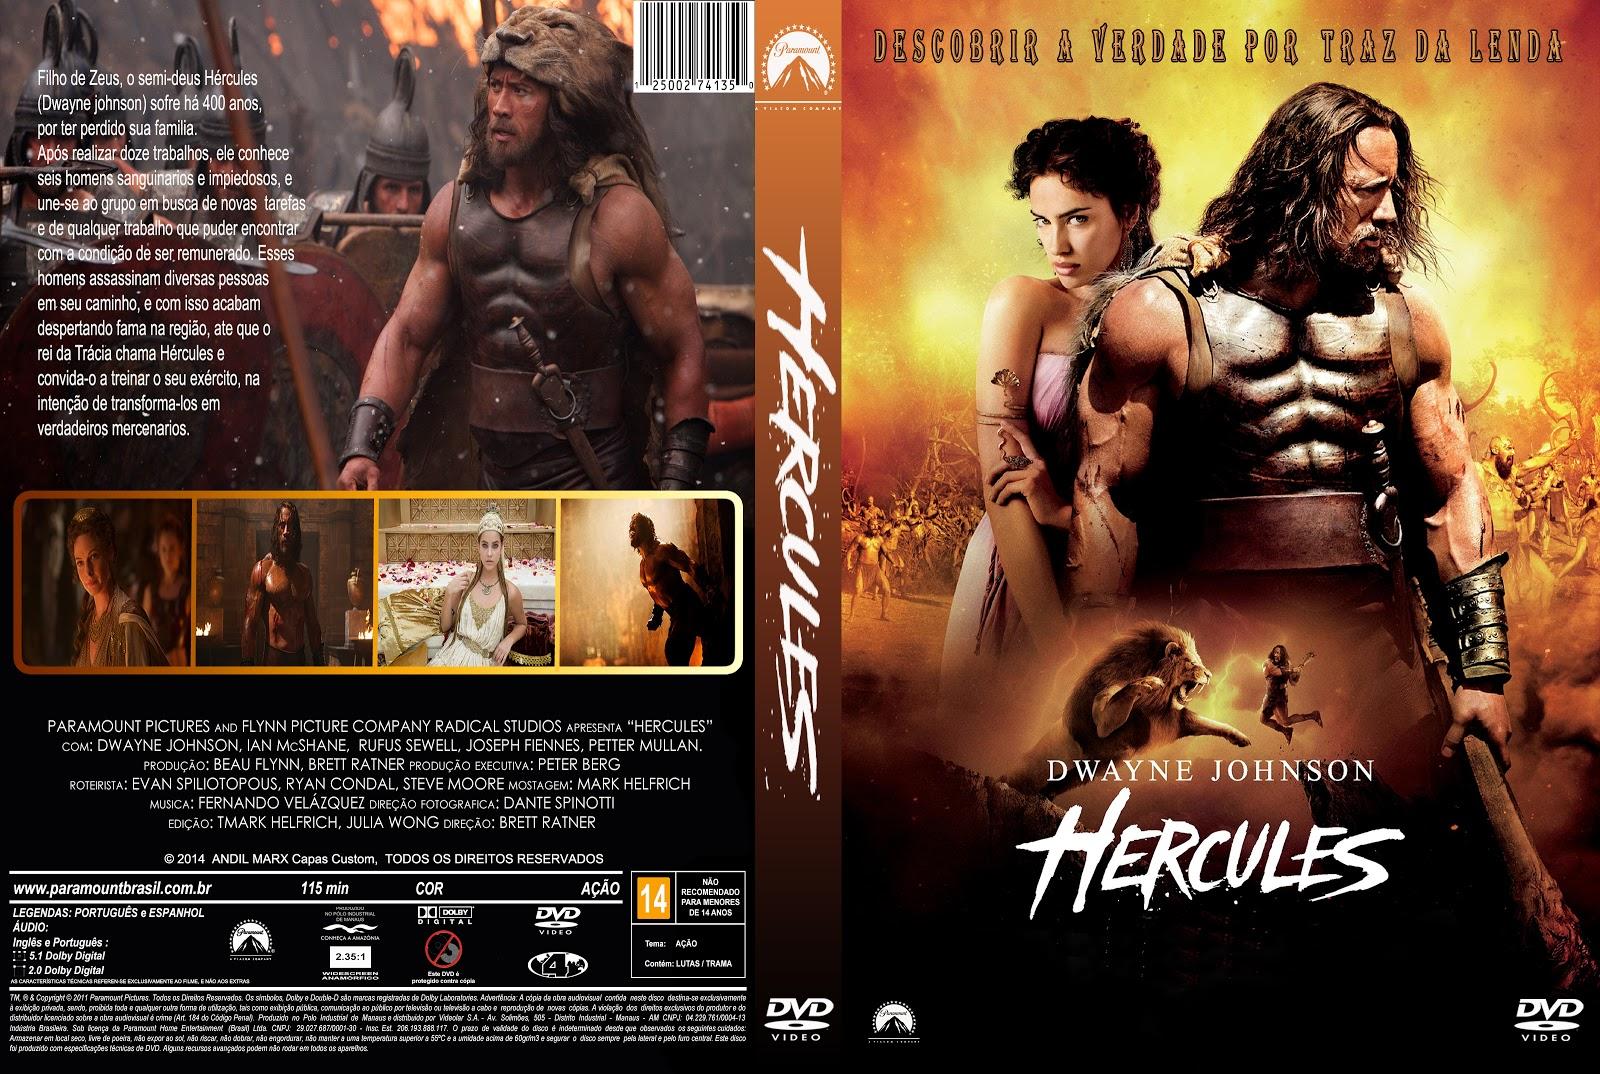 Capa DVD Hercules